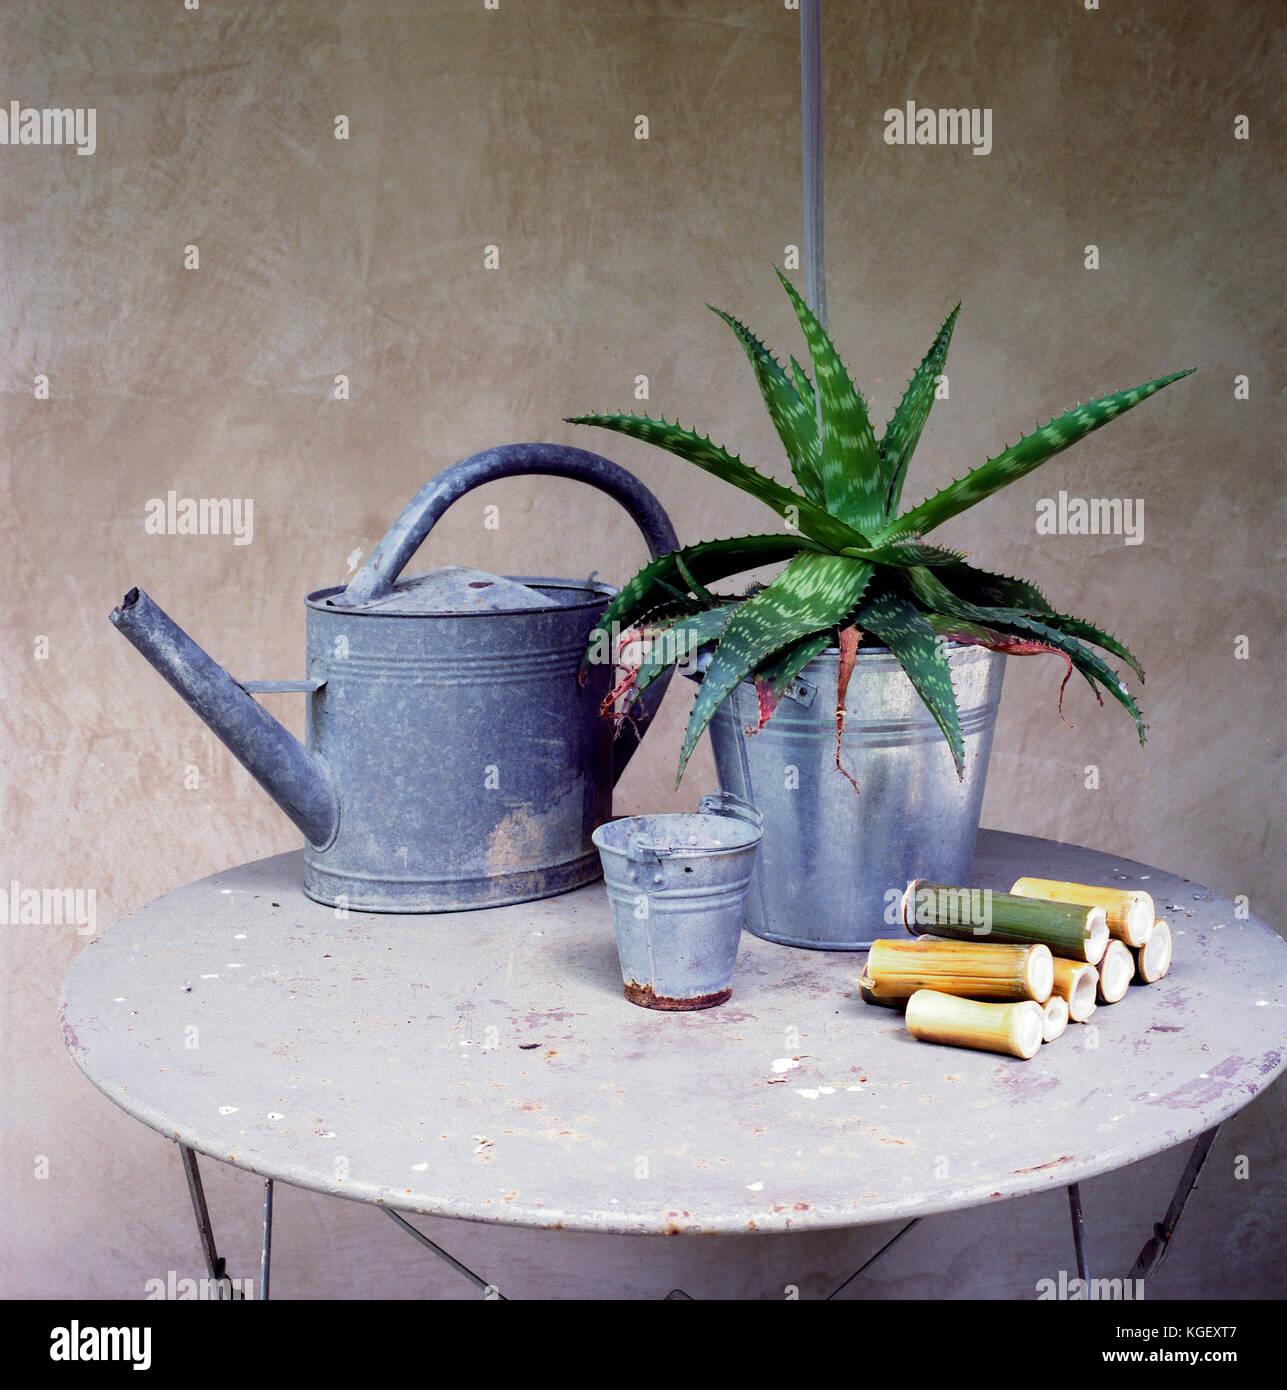 La vie encore d'objets et d'outils provenant d'un jardin: un arrosoir, une plante grasse d'un petit seau et quelques Banque D'Images